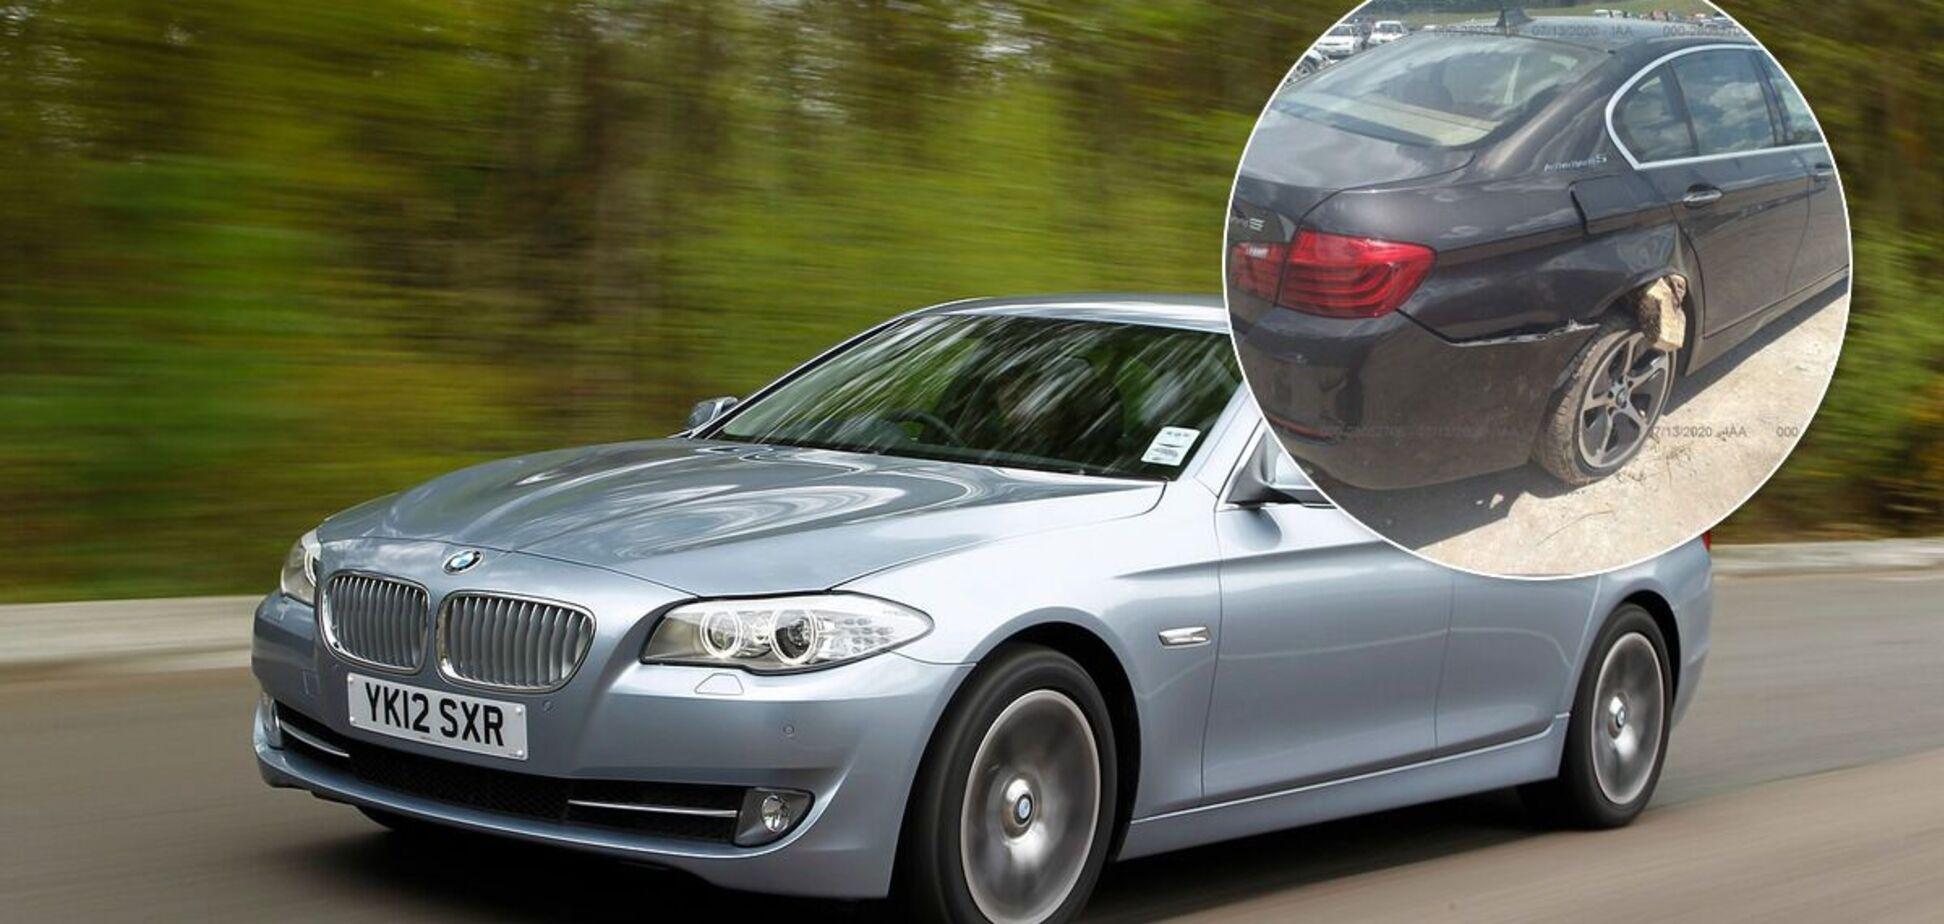 На продаж виставили 'биток' BMW з дуже незвичайним ушкодженням